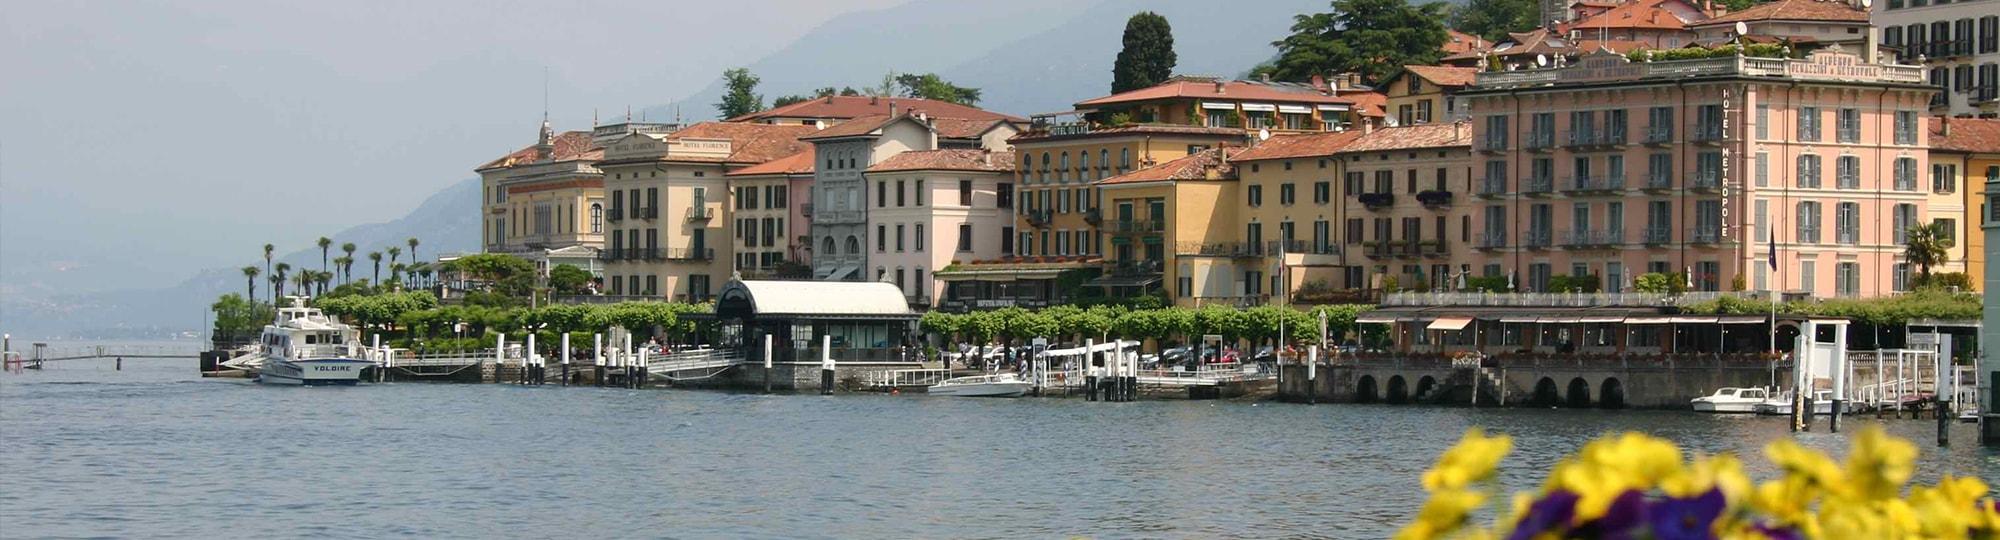 Meilleurs hotels lac de come - bellagio